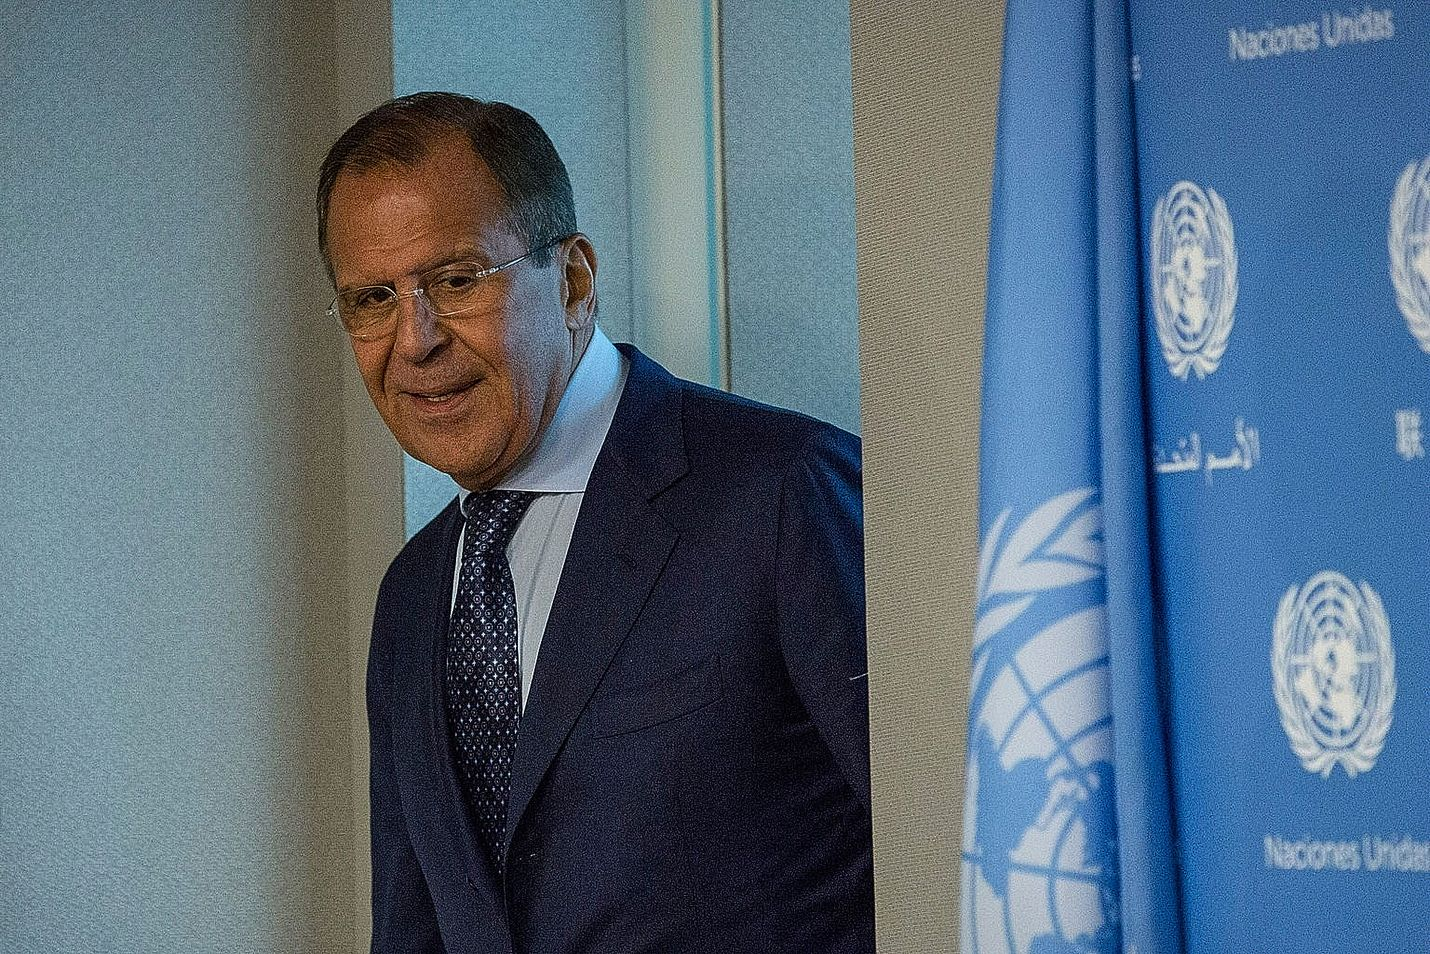 Venäjän ulkoministeri Sergei Lavrov torjuu syytökset, joiden mukaan Venäjä on iskenyt Syyriassa muita kapinallisia kuin äärijärjestö Isisiä vastaan. Lavrovin mukaan syytökset ovat perusteettomia. Lavrov kuvattiin torstaina YK:n päämajassa.